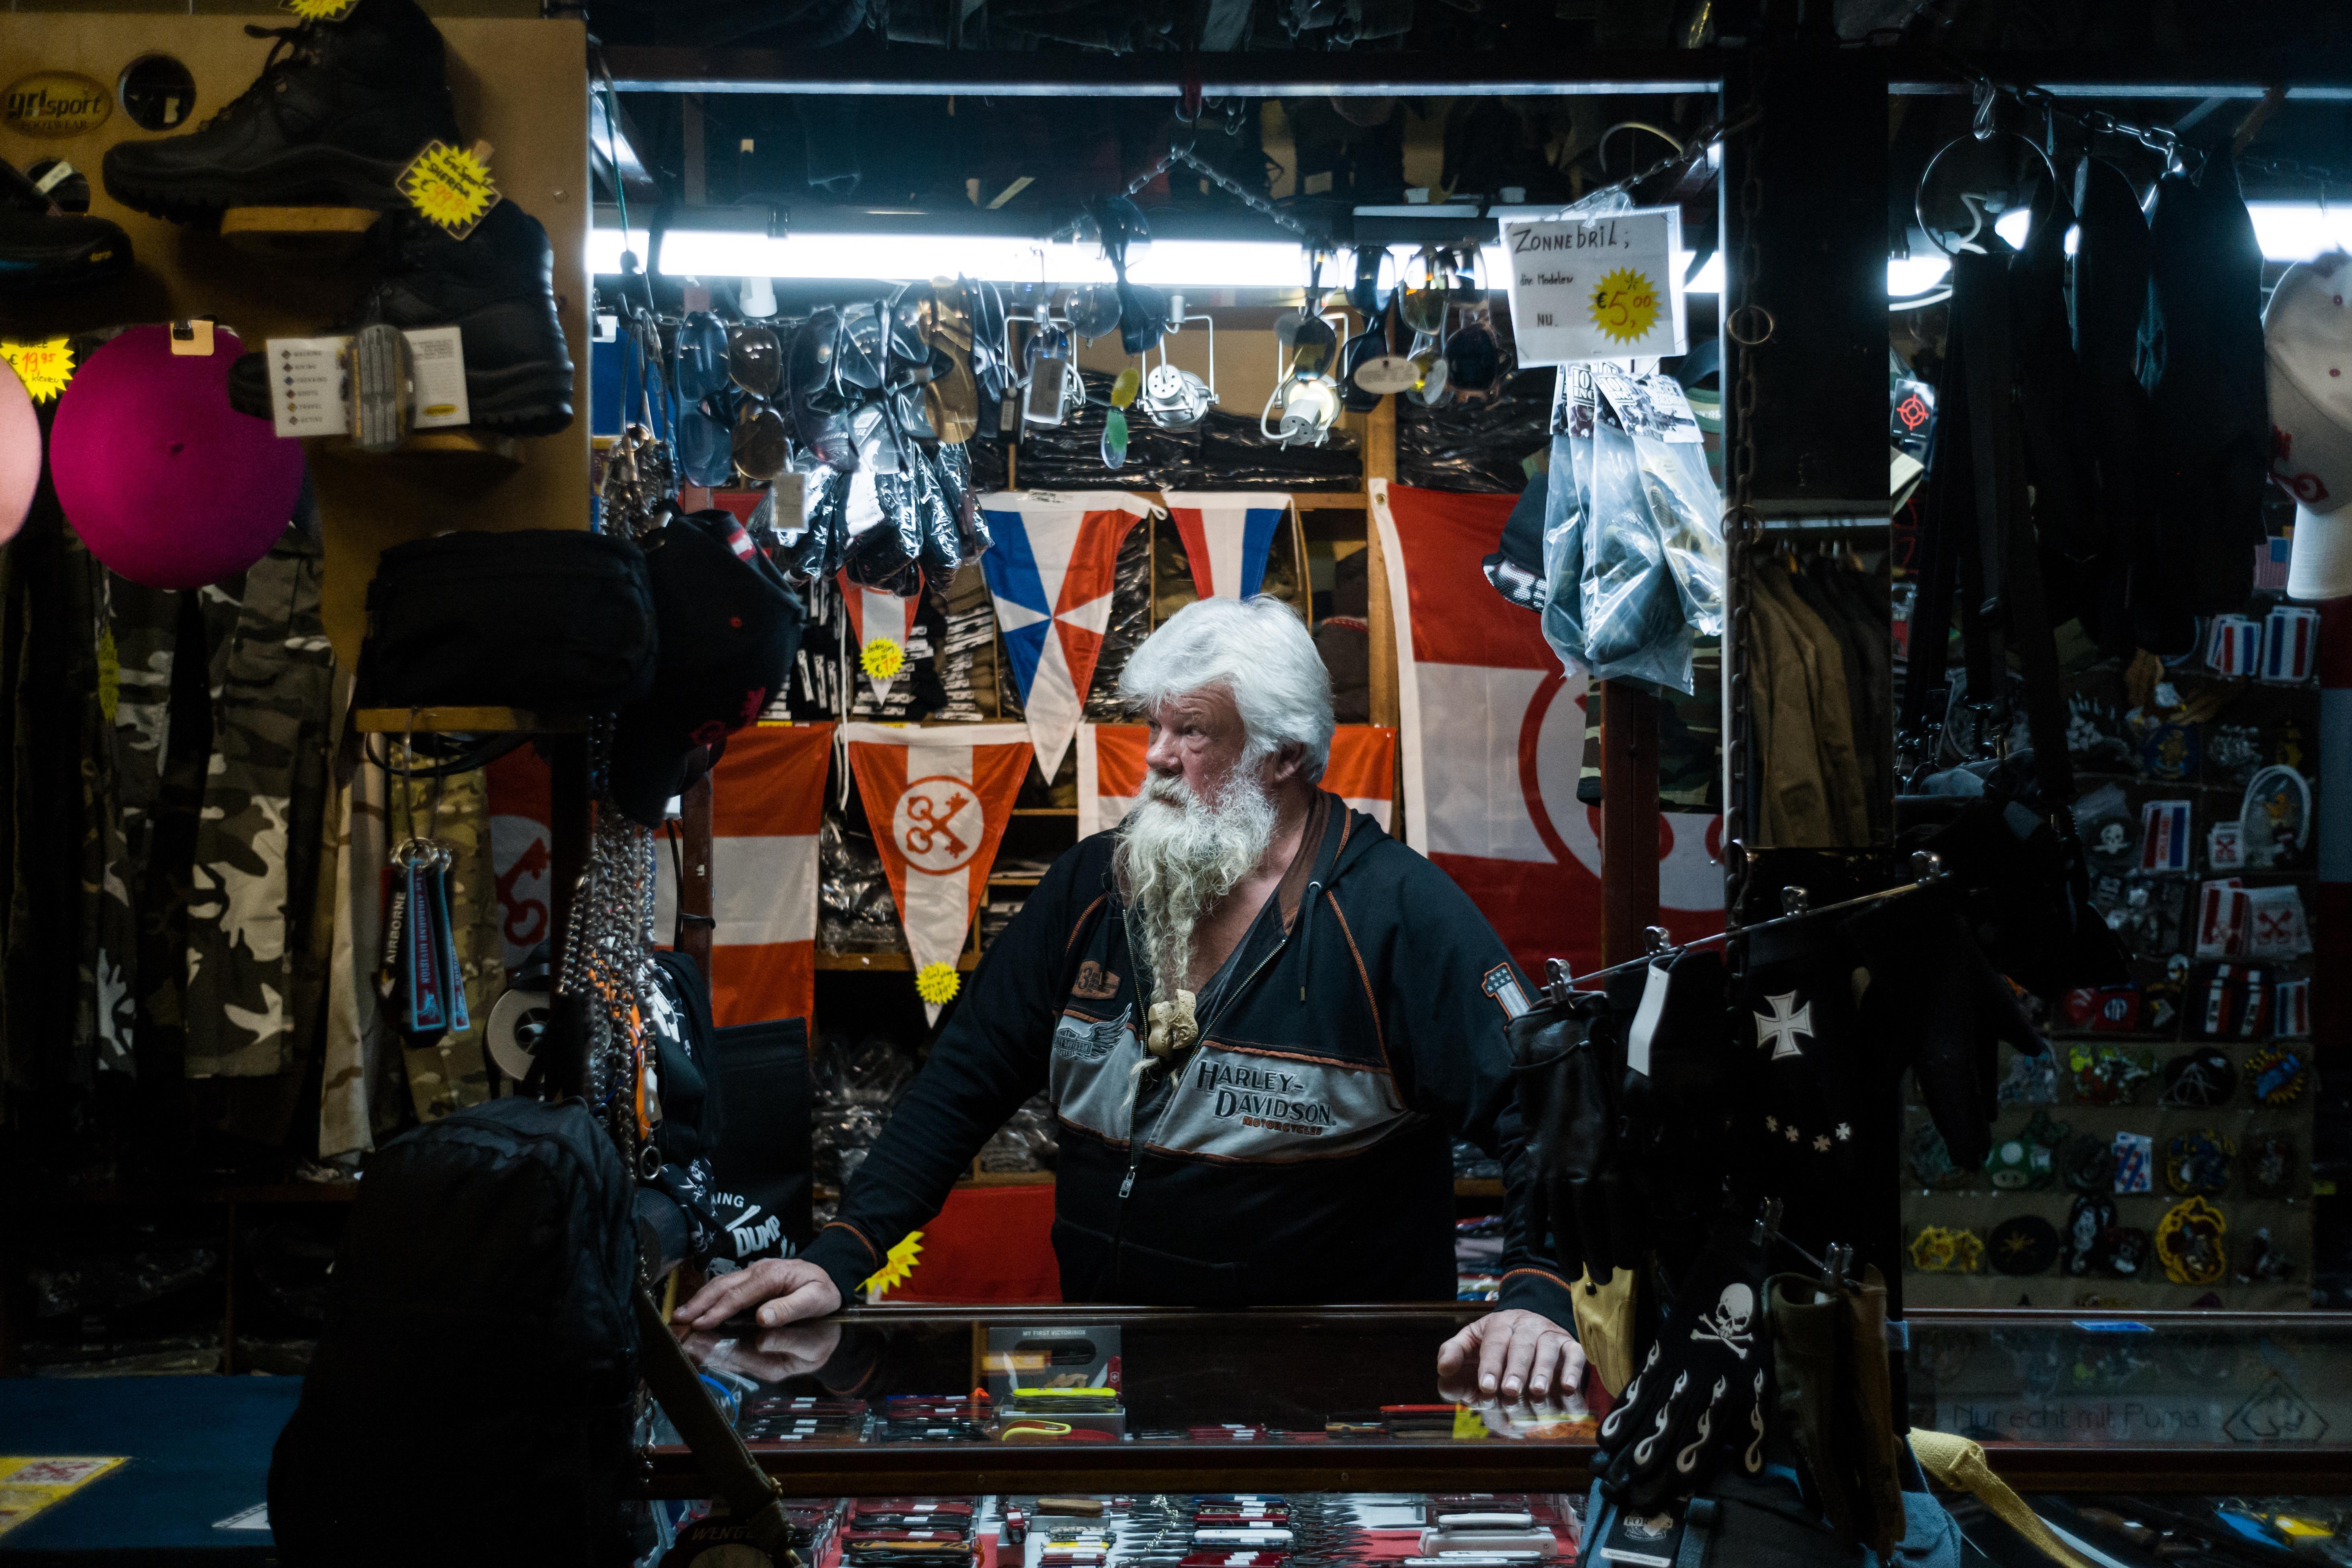 Typisch Leiden portretteert bijzondere inwoners van de stad in hun dagelijks leven: 'De sfeer is hier gemoedelijk en dorps' [video]